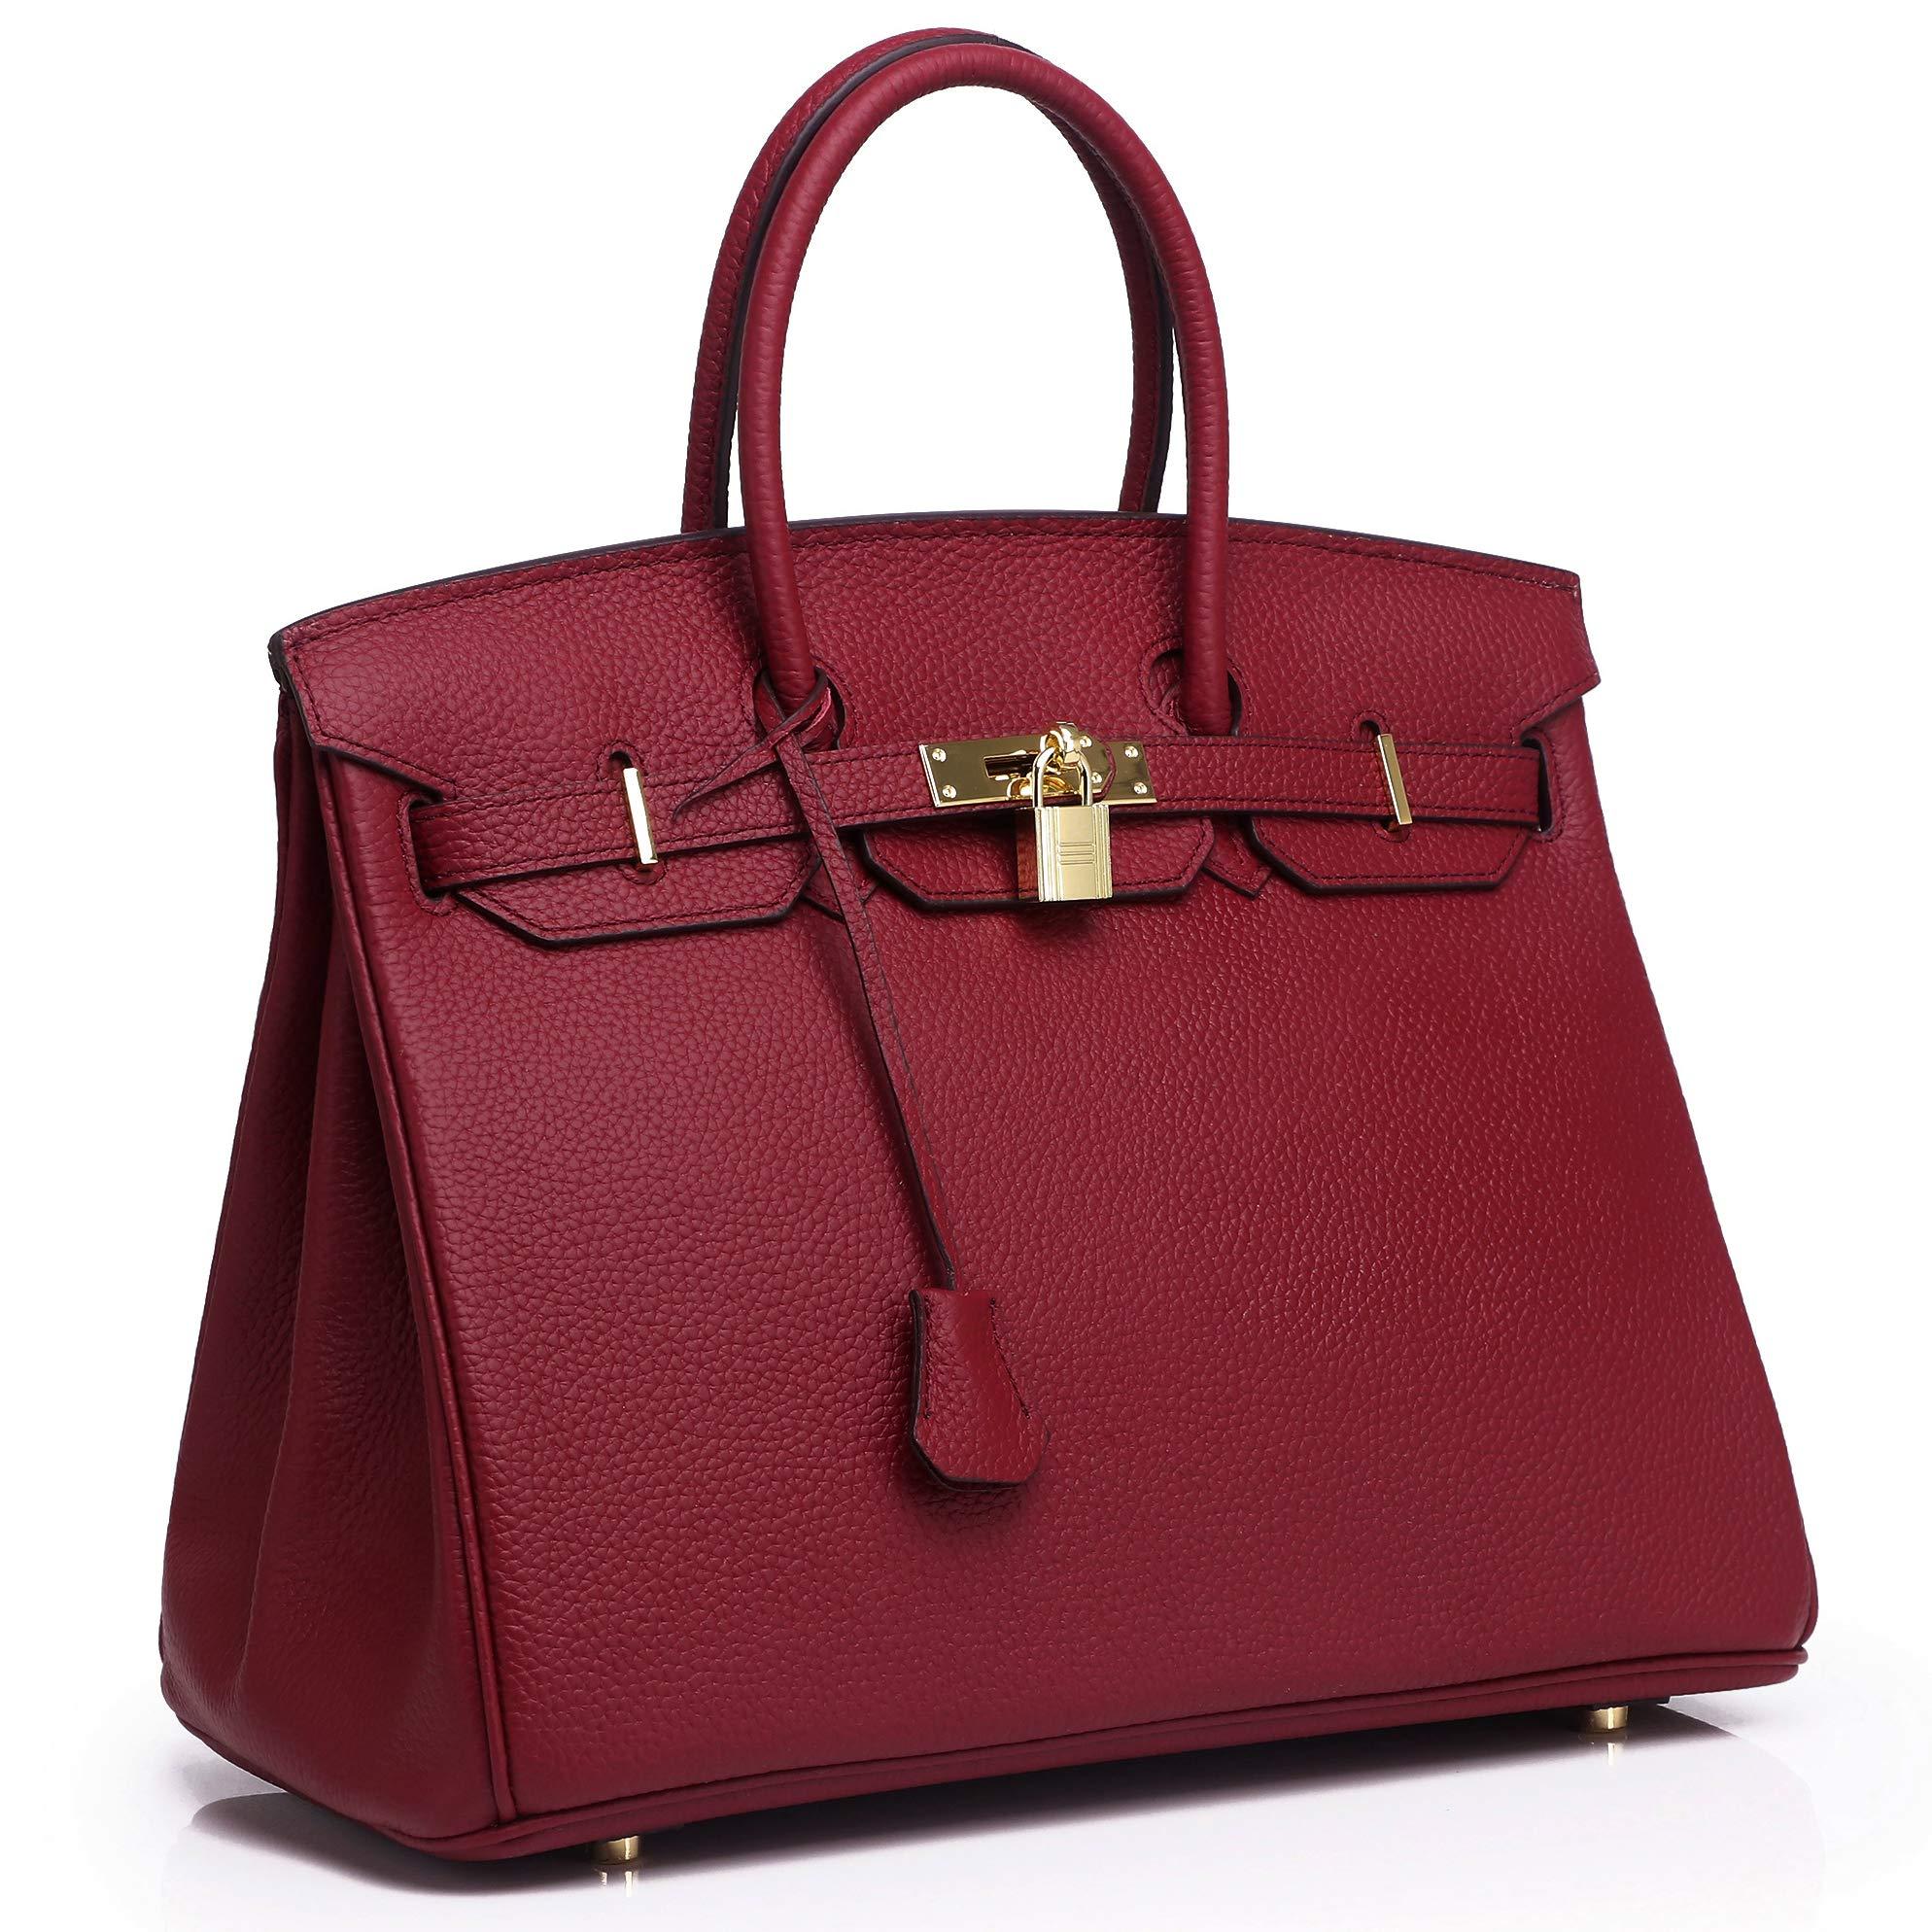 Kueh Padlock handbags for Womens Designer Top Bag With Gold Hardware